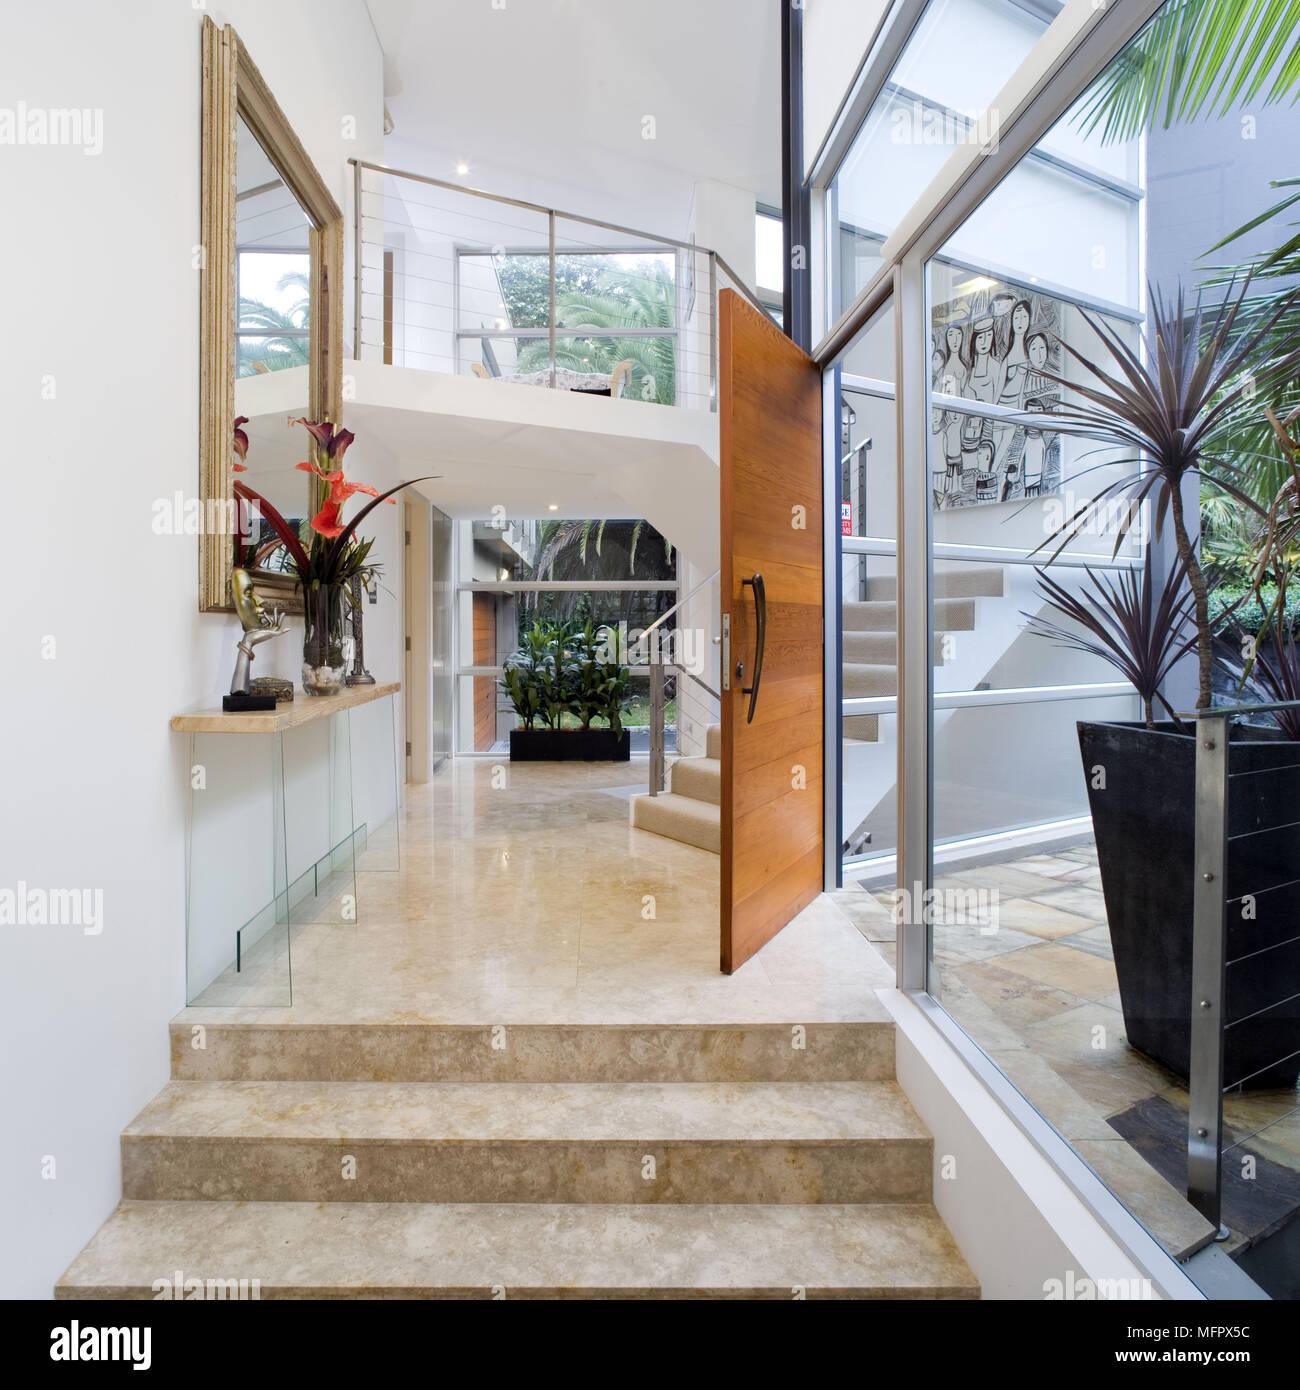 Moderne vordere Tür in Eingang Flur mit Marmorboden Stockfoto, Bild ...